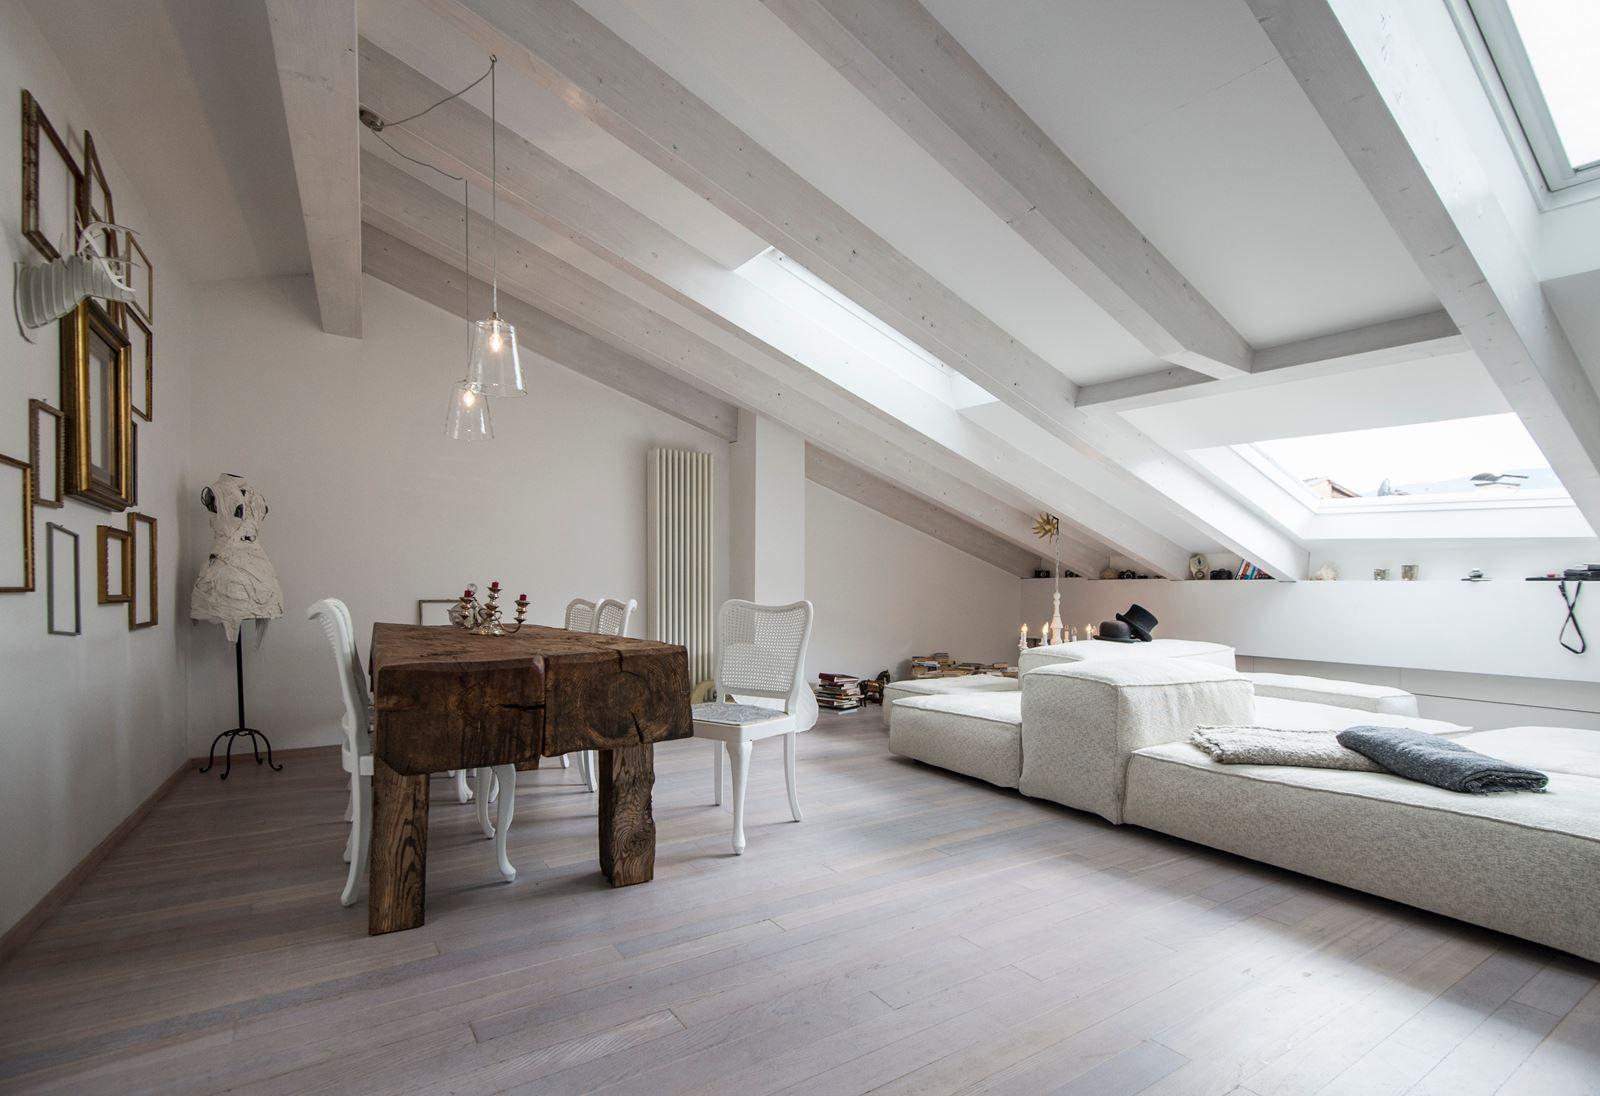 Soffitti In Legno Bianchi : Abbinare bianco e legno in vivere la mansarda attic rooms